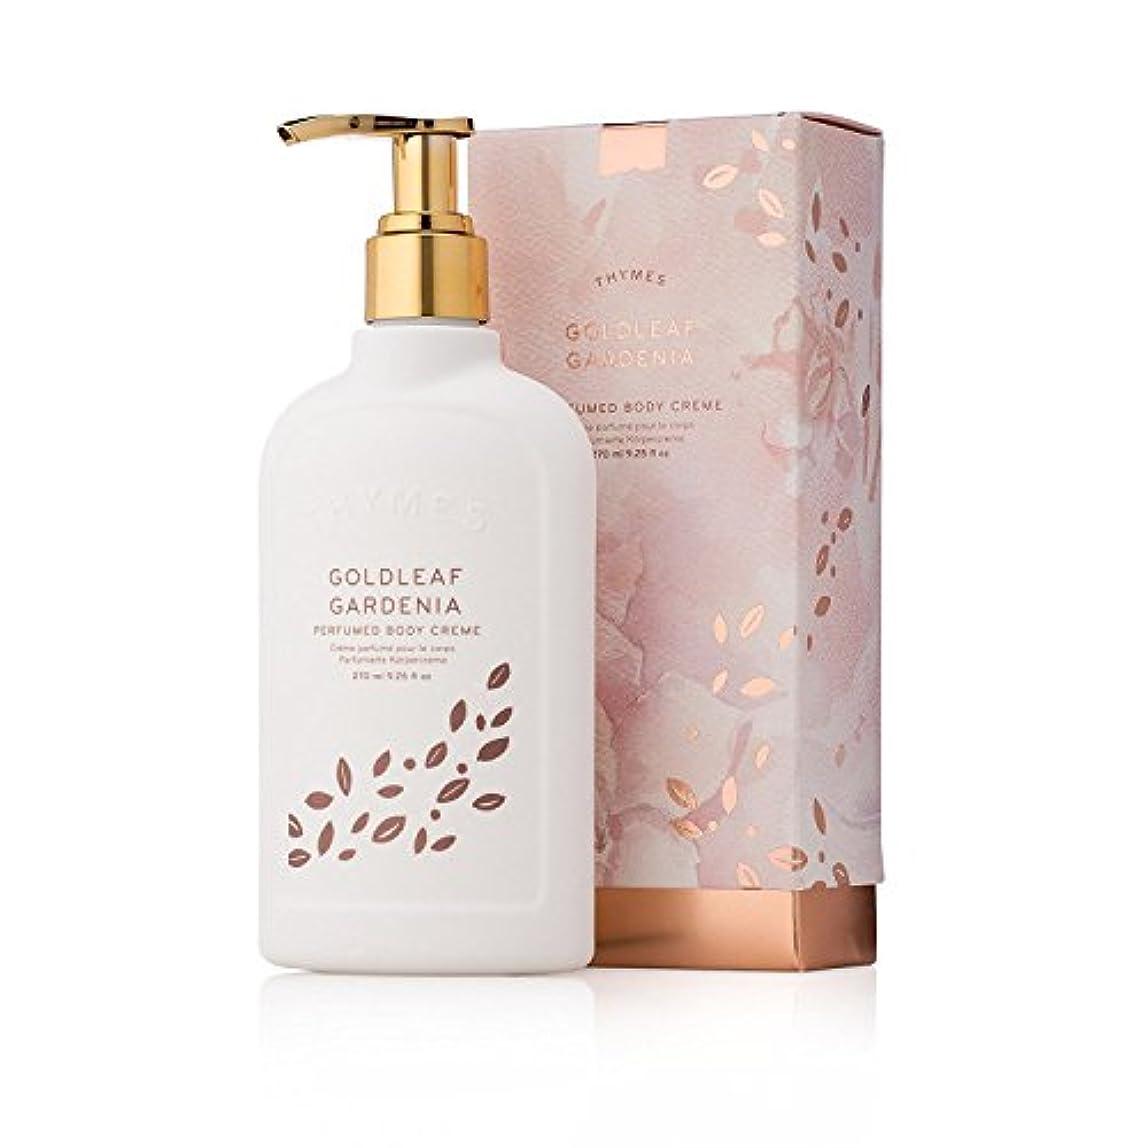 企業着実にネストタイムズ Goldleaf Gardenia Perfumed Body Cream 270ml/9.25oz並行輸入品